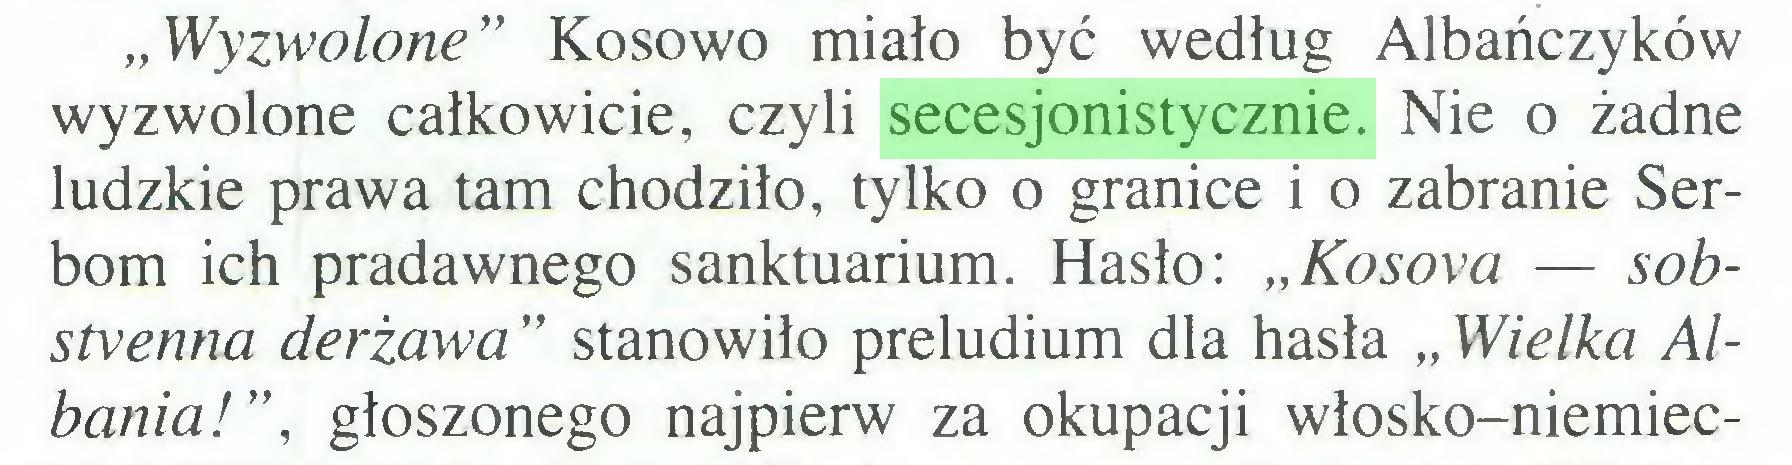 """(...) """"Wyzwolone"""" Kosowo miało być według Albańczyków wyzwolone całkowicie, czyli secesjonistycznie. Nie o żadne ludzkie prawa tam chodziło, tylko o granice i o zabranie Serbom ich pradawnego sanktuarium. Hasło: """"Kosova — sobstvenna derżawa """" stanowiło preludium dla hasła """" Wielka Albania!"""", głoszonego najpierw za okupacji włosko-niemiec..."""